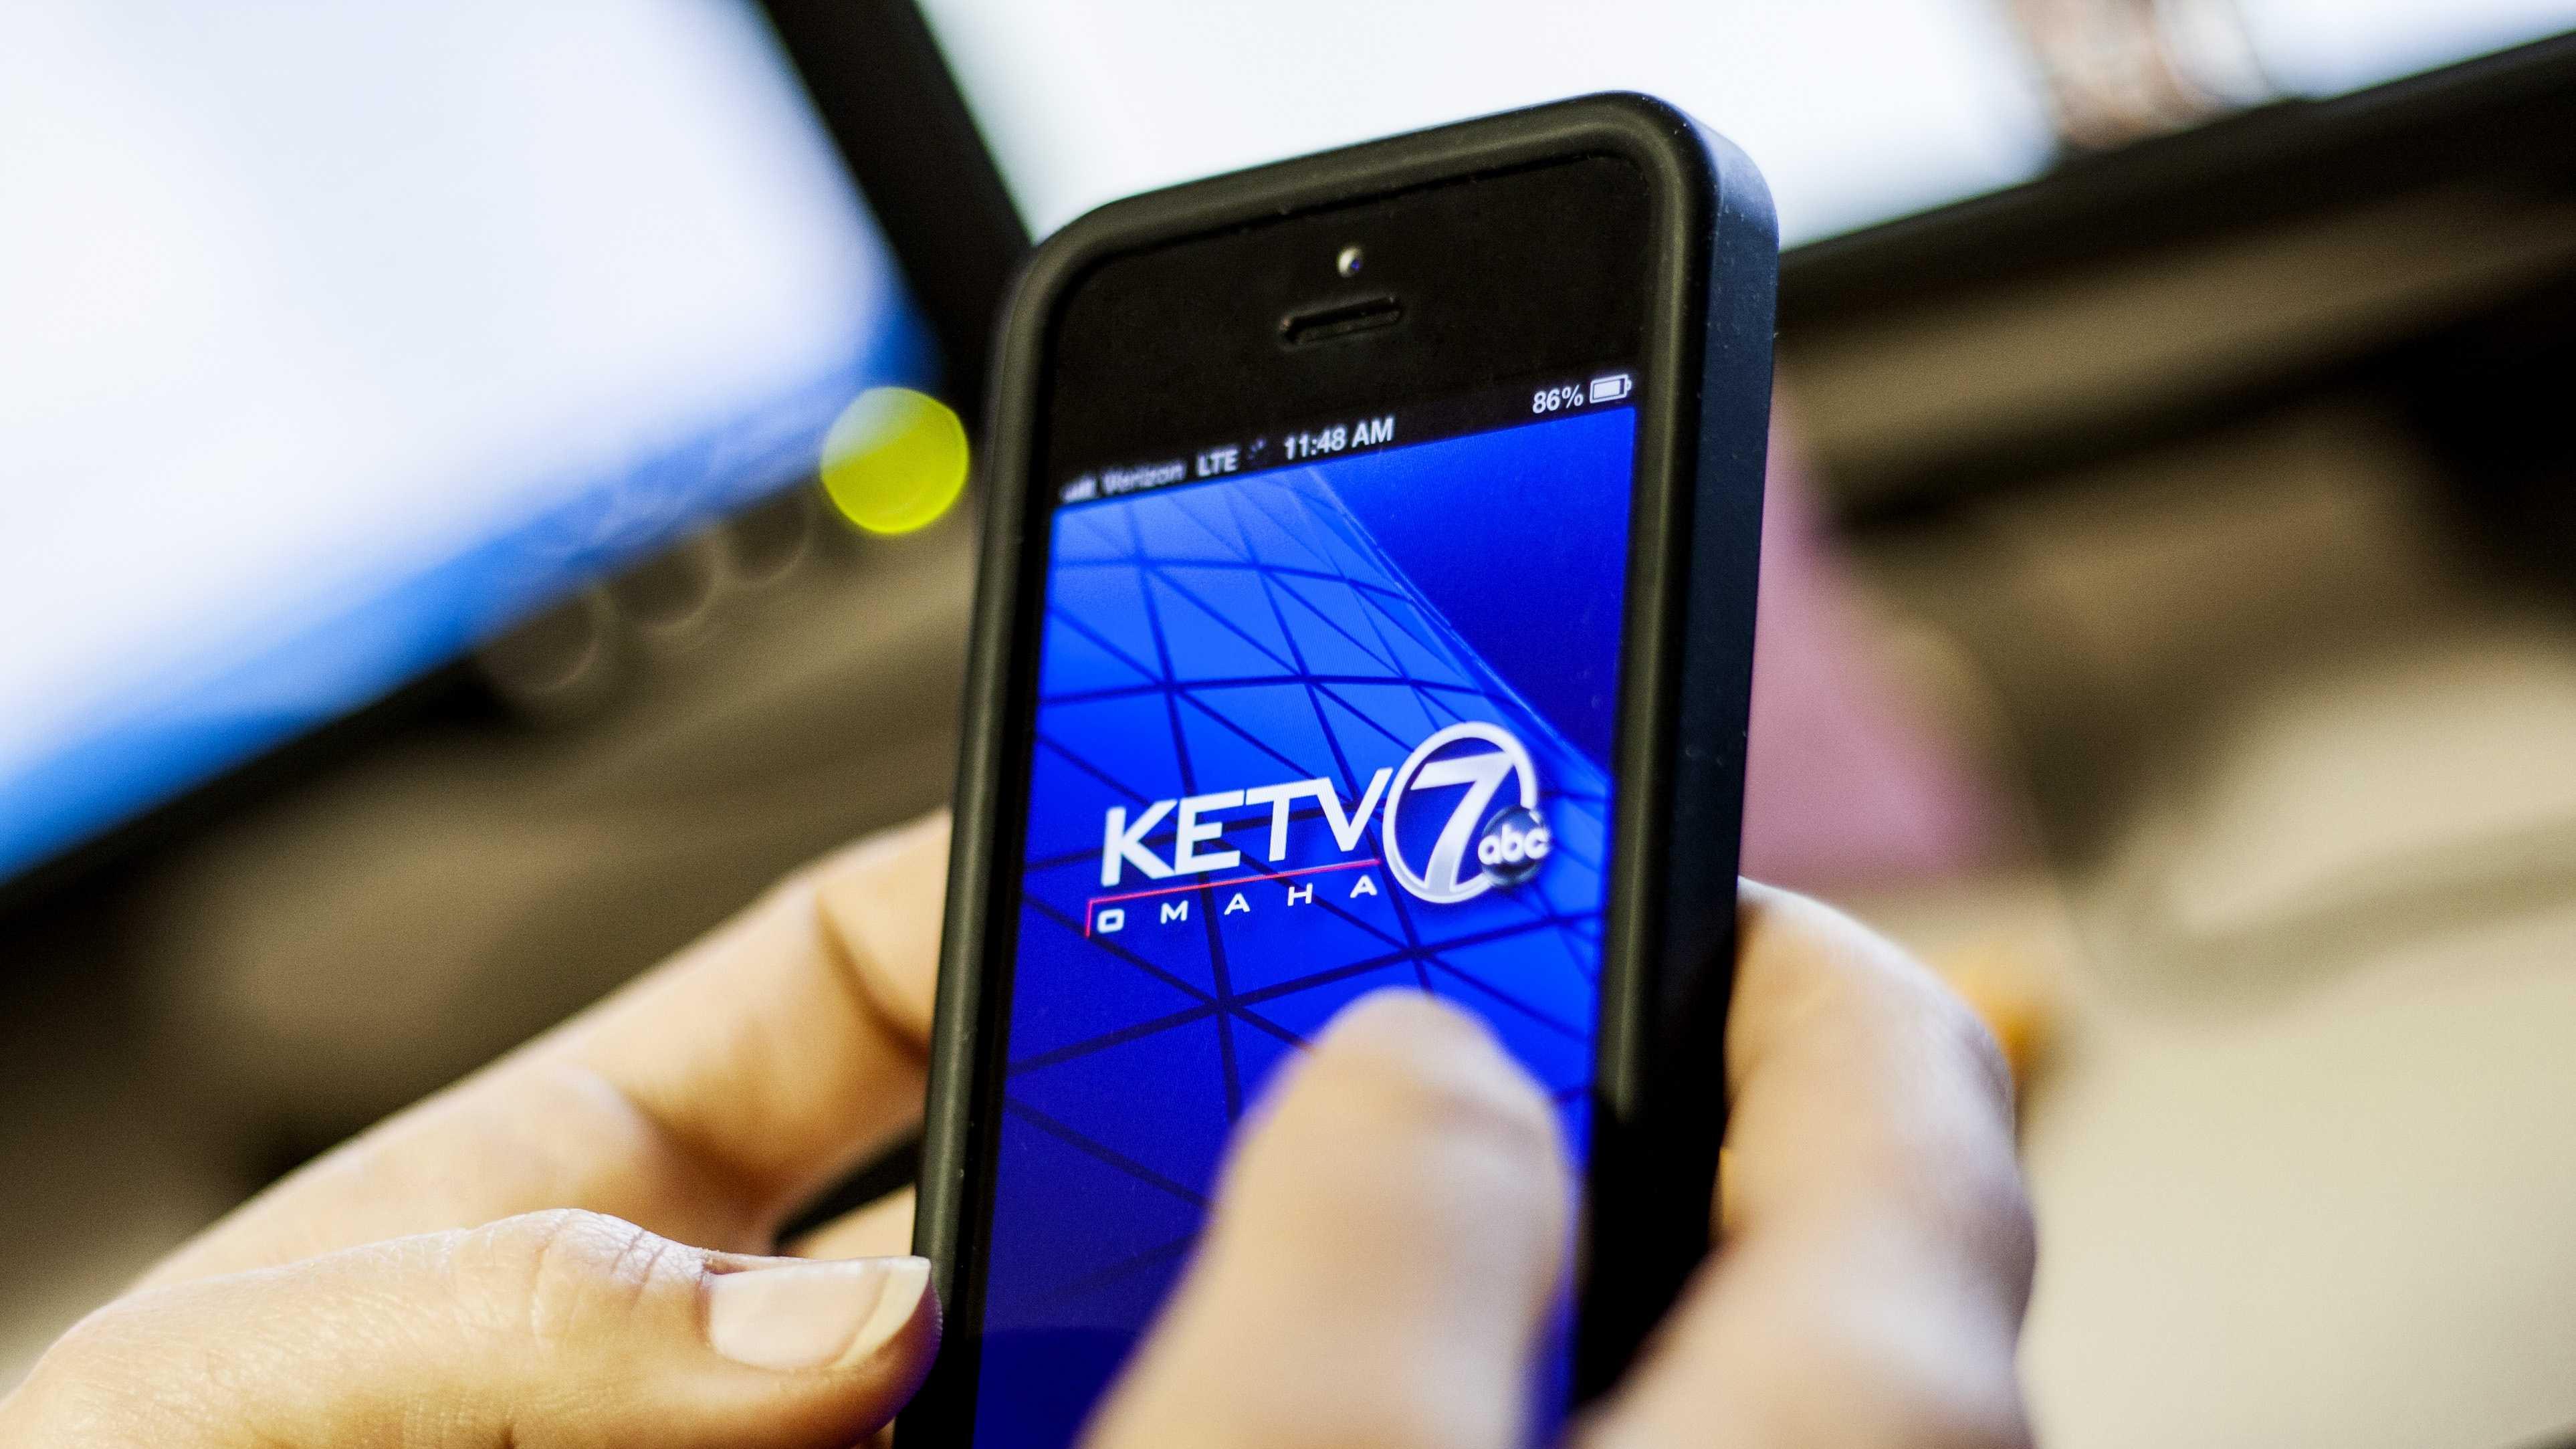 KETV app - iPhone 5.jpg